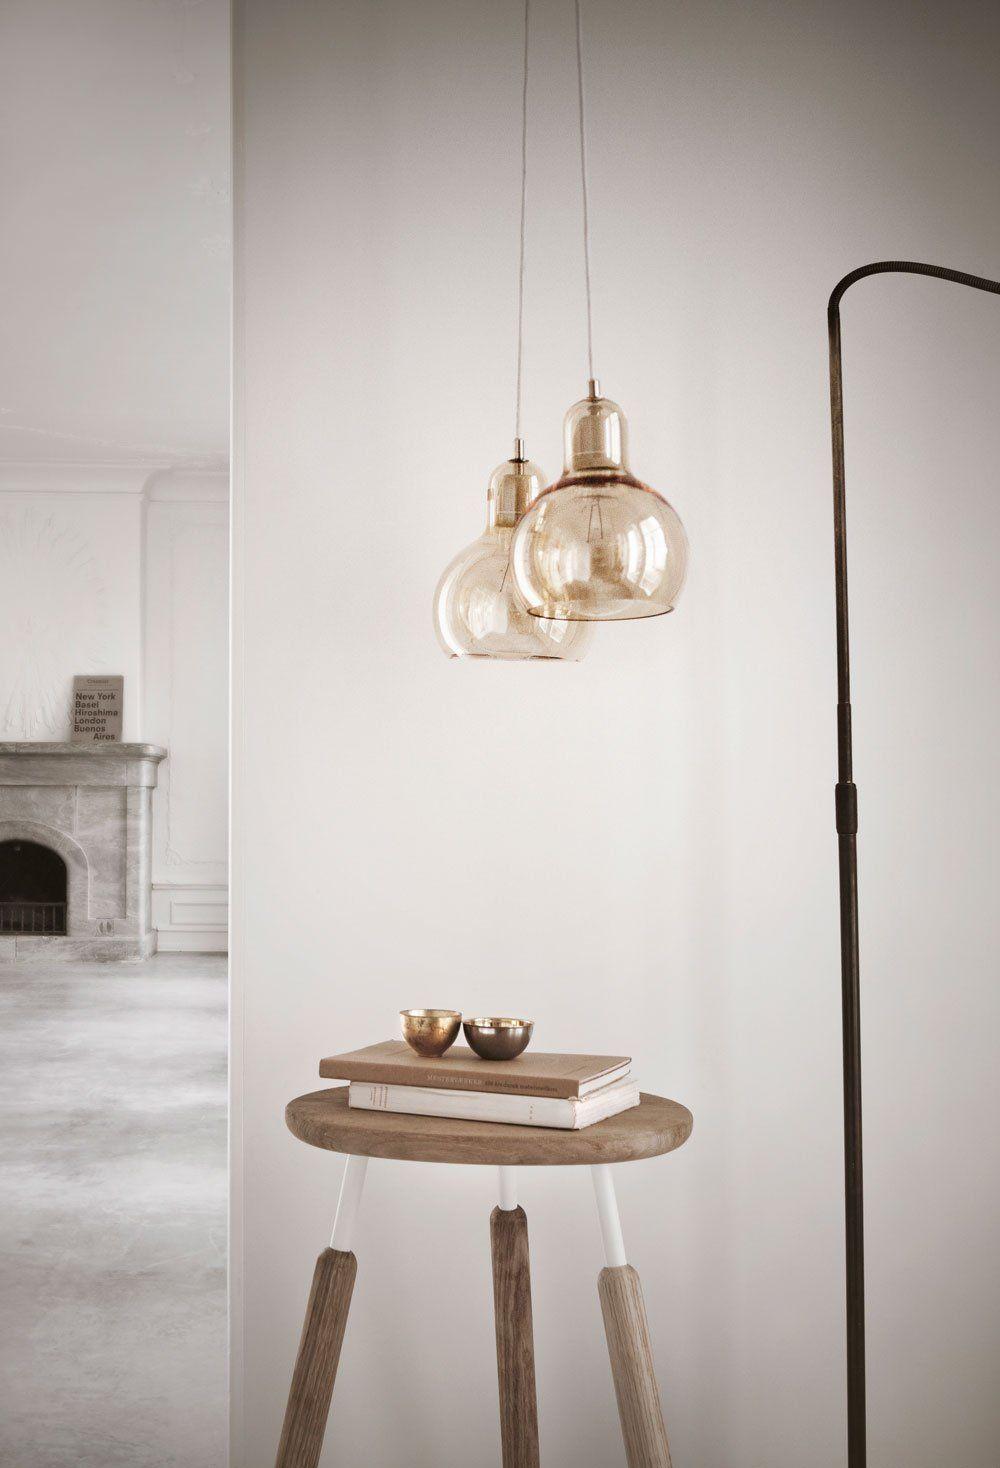 Mega Bulb Guld Taklampa Hangande Lampa Taklampa Taklampor